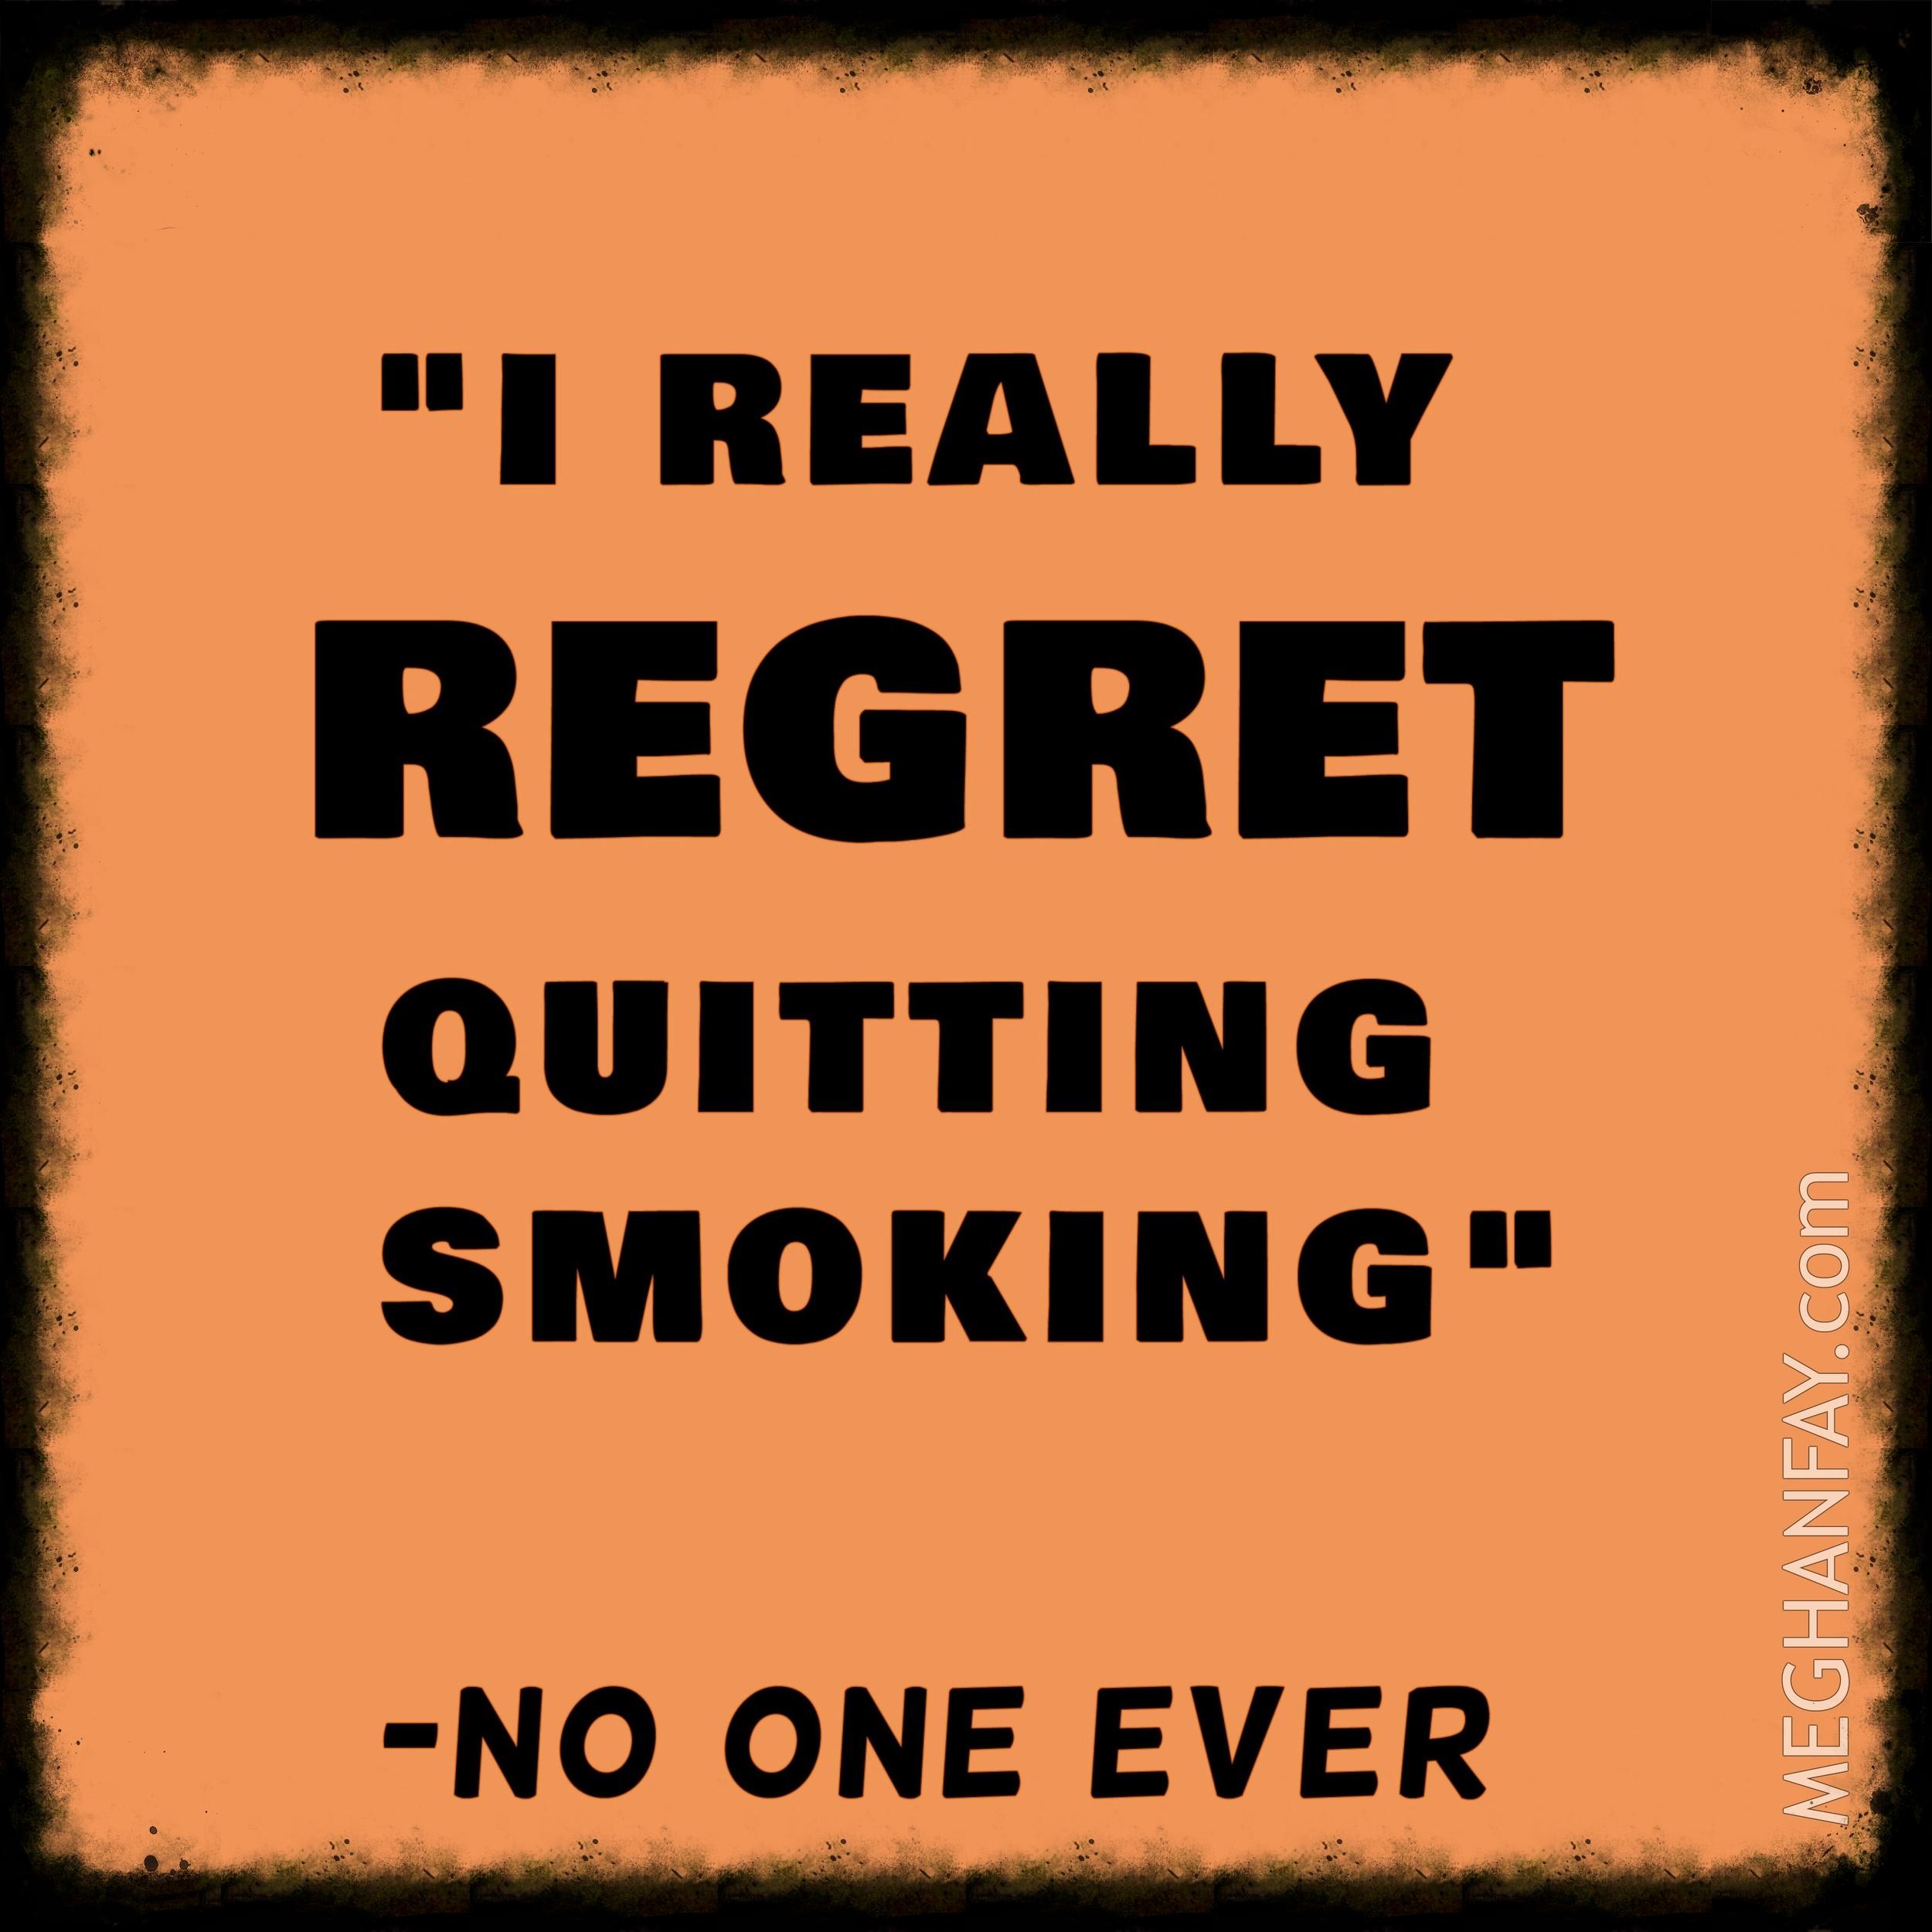 REGRET QUITTING SMOKING